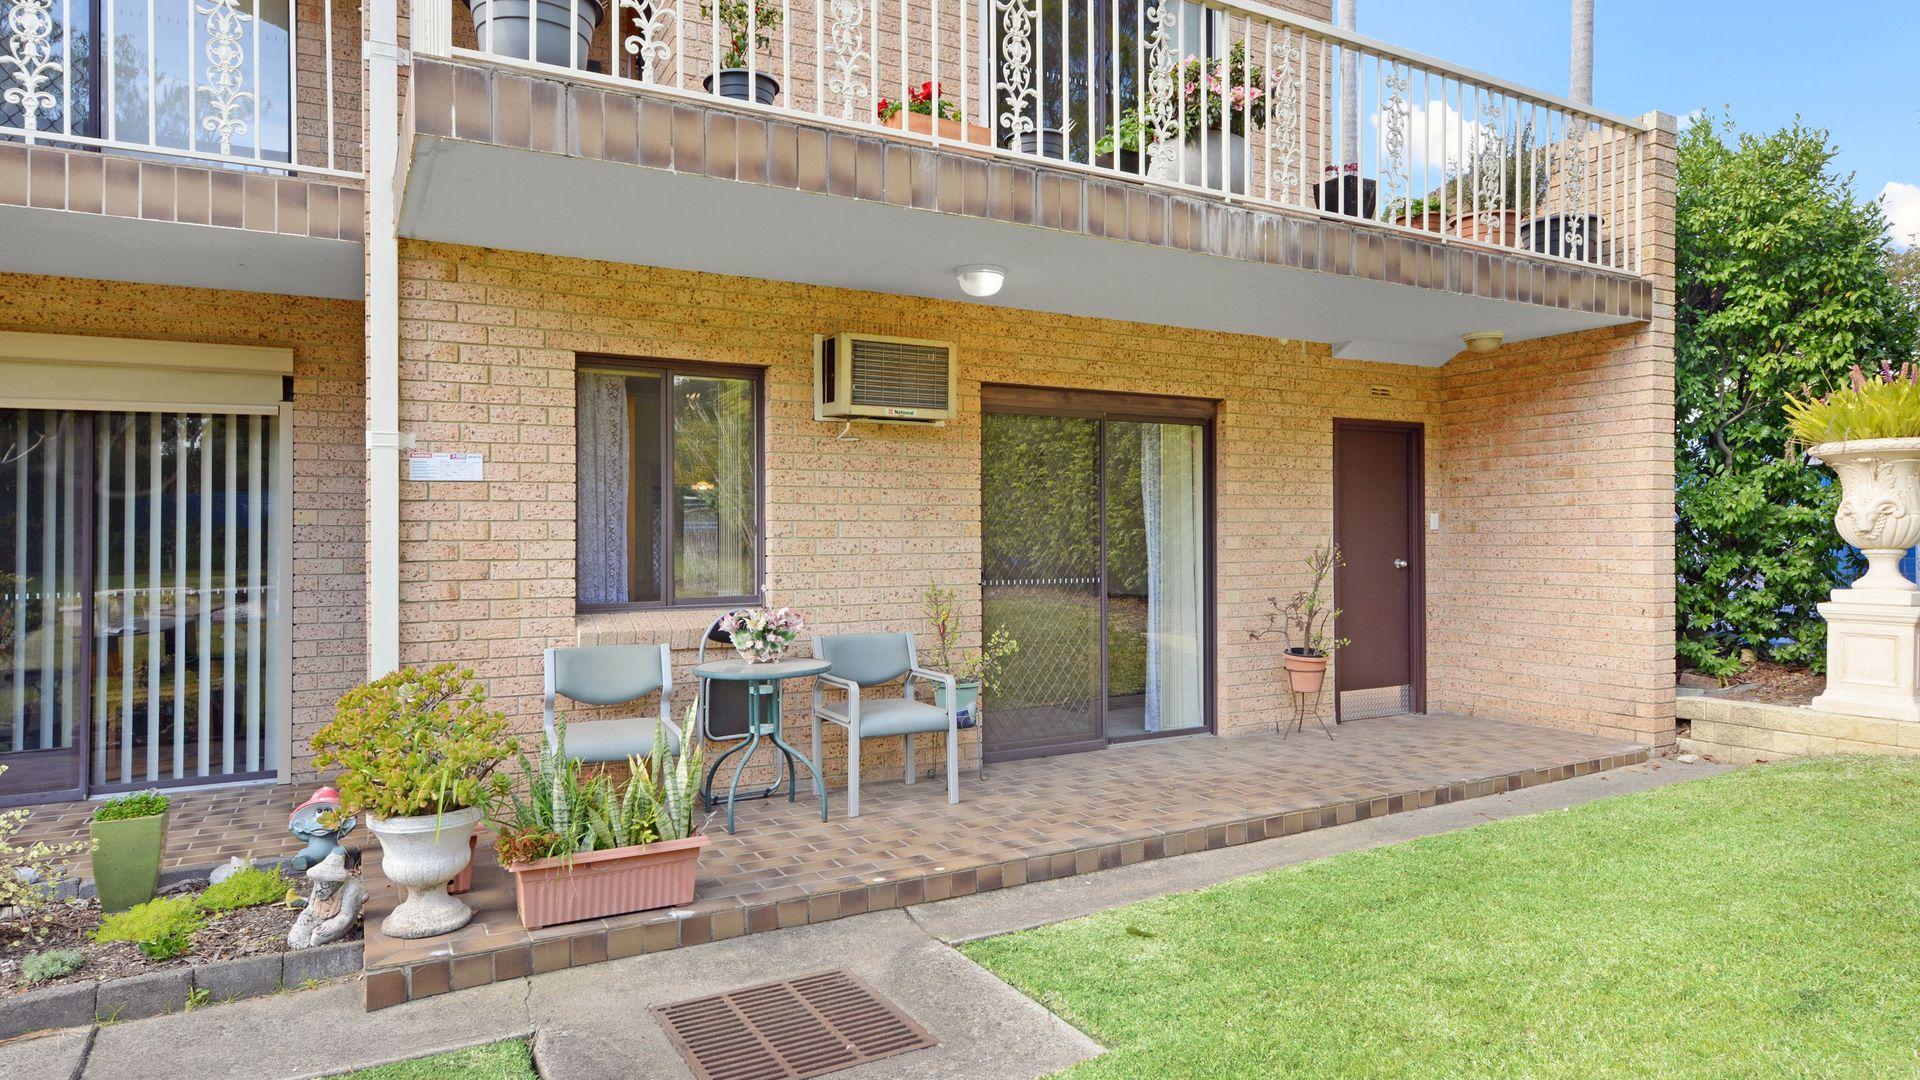 11/40 Bunyala Street, Blakehurst NSW 2221, Image 2